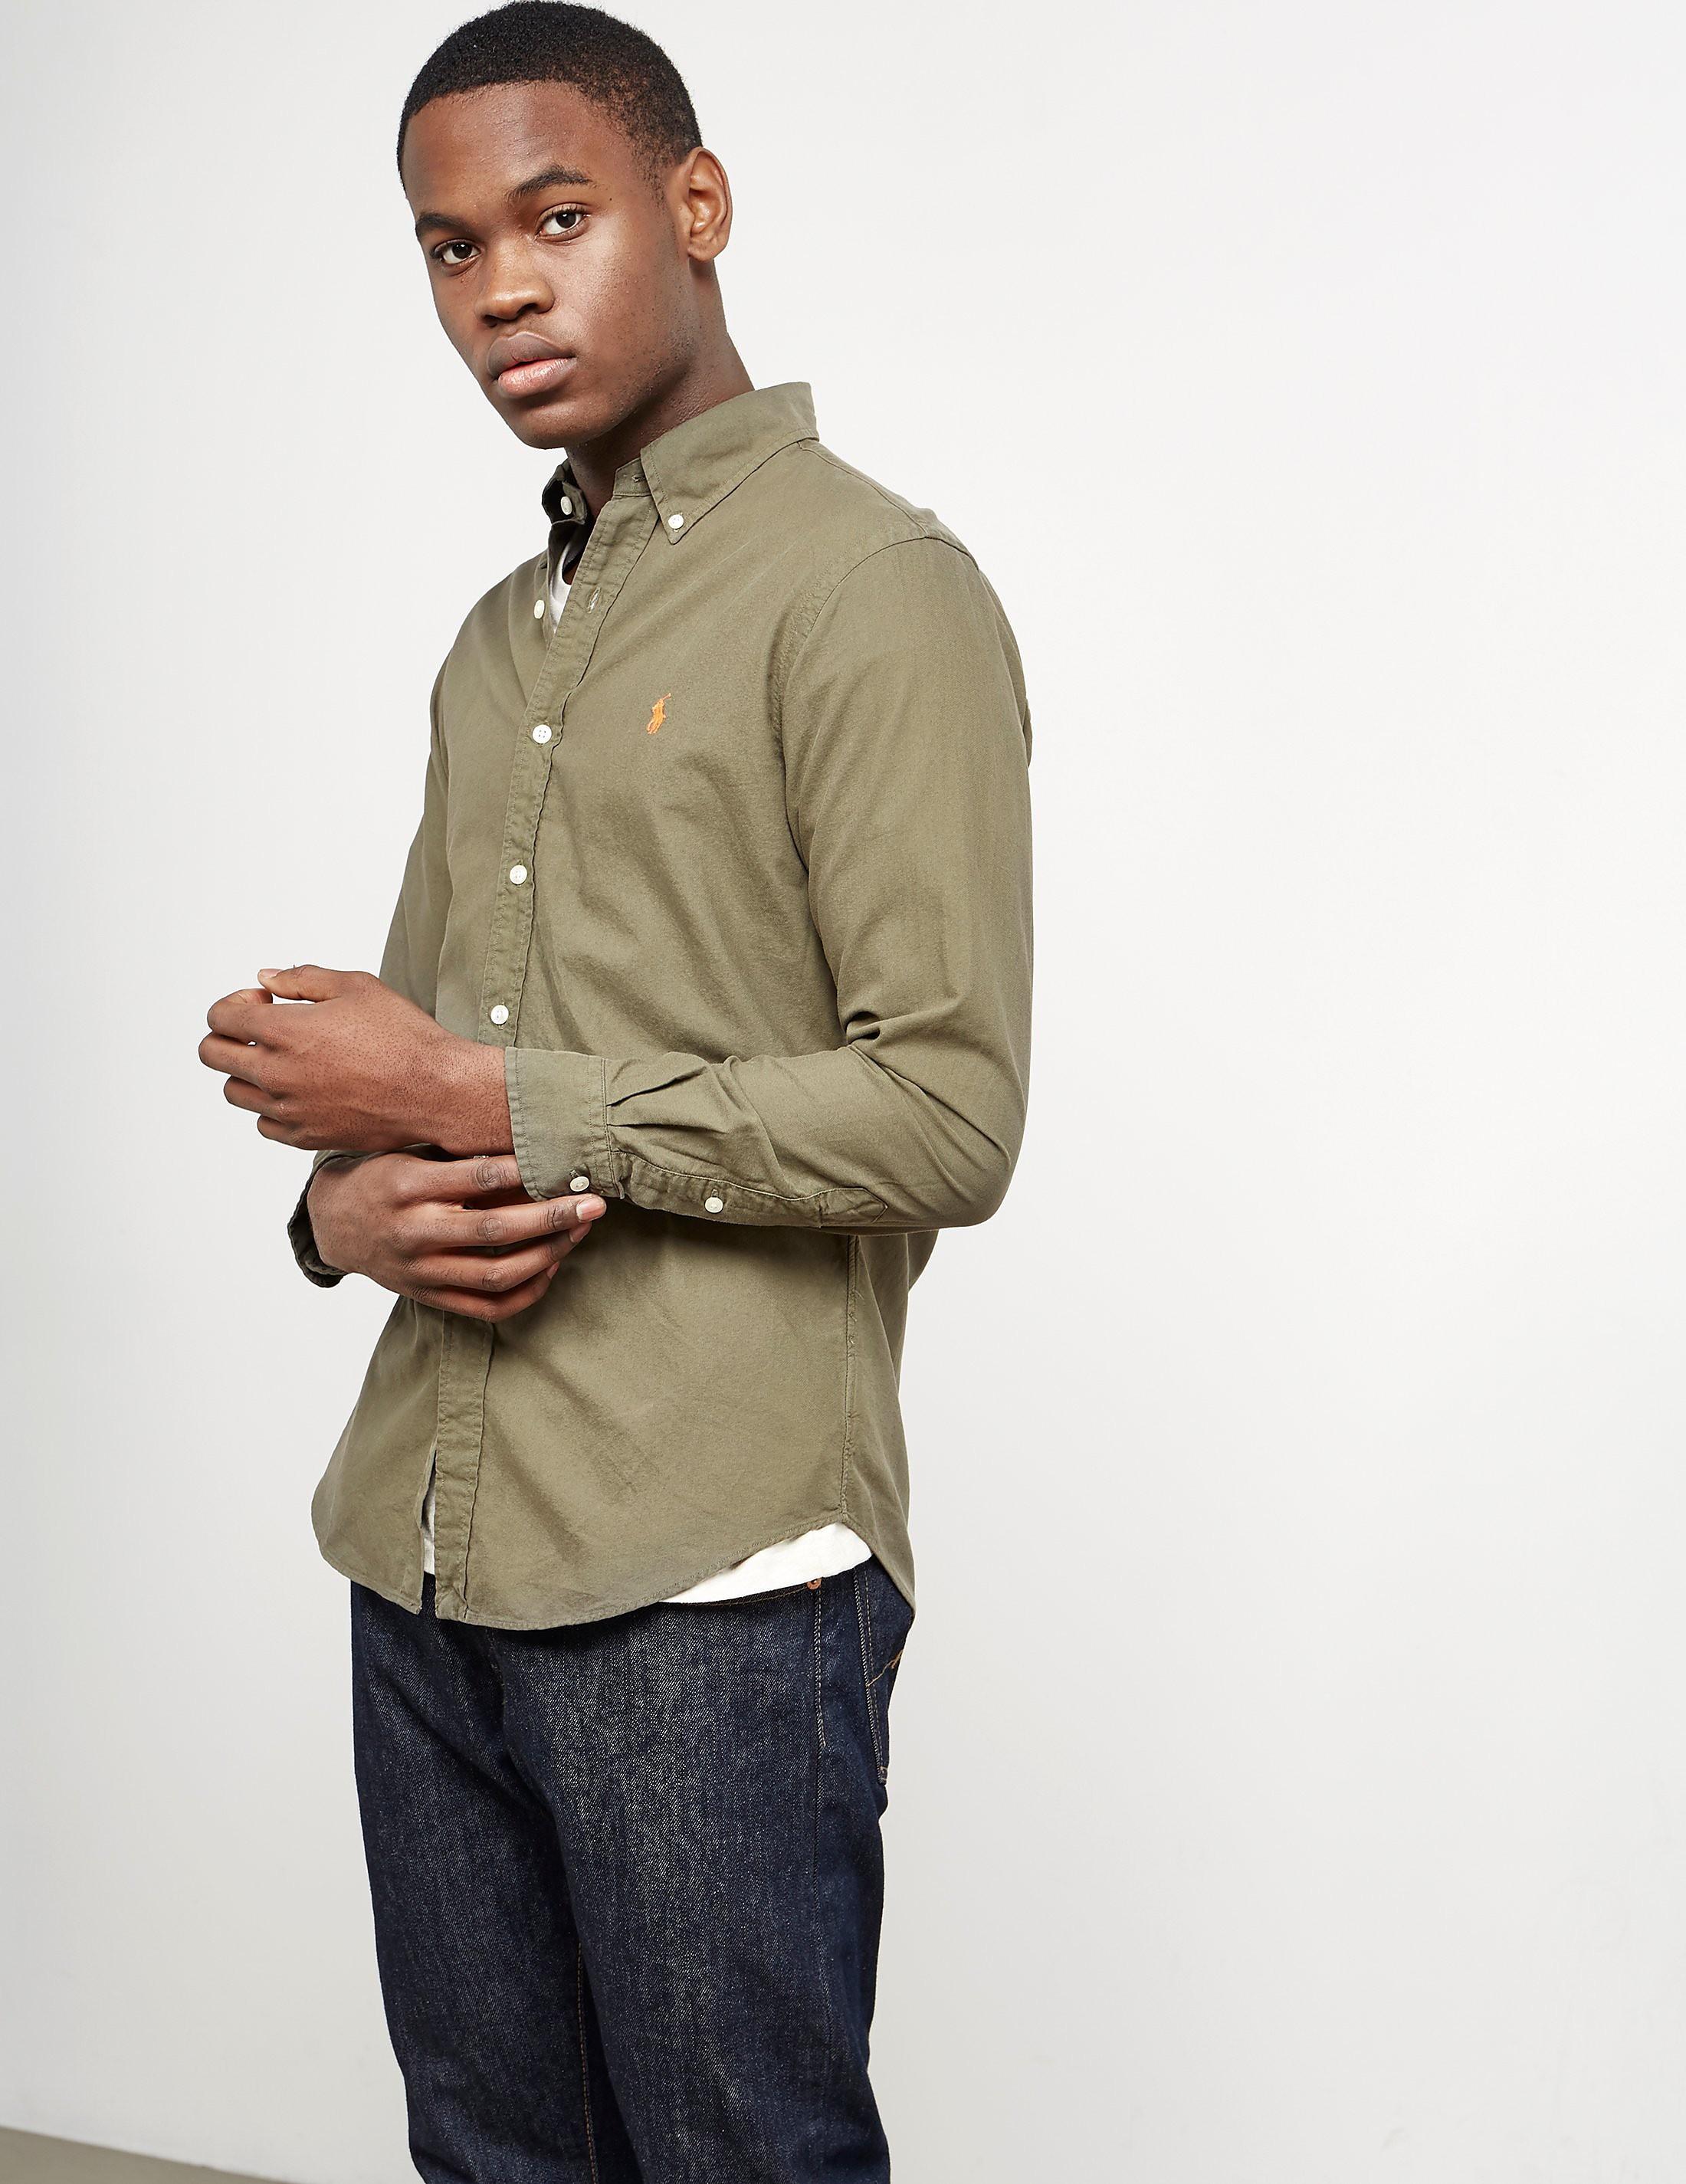 Polo Ralph Lauren Garment Dyed Long Sleeve Oxford Shirt